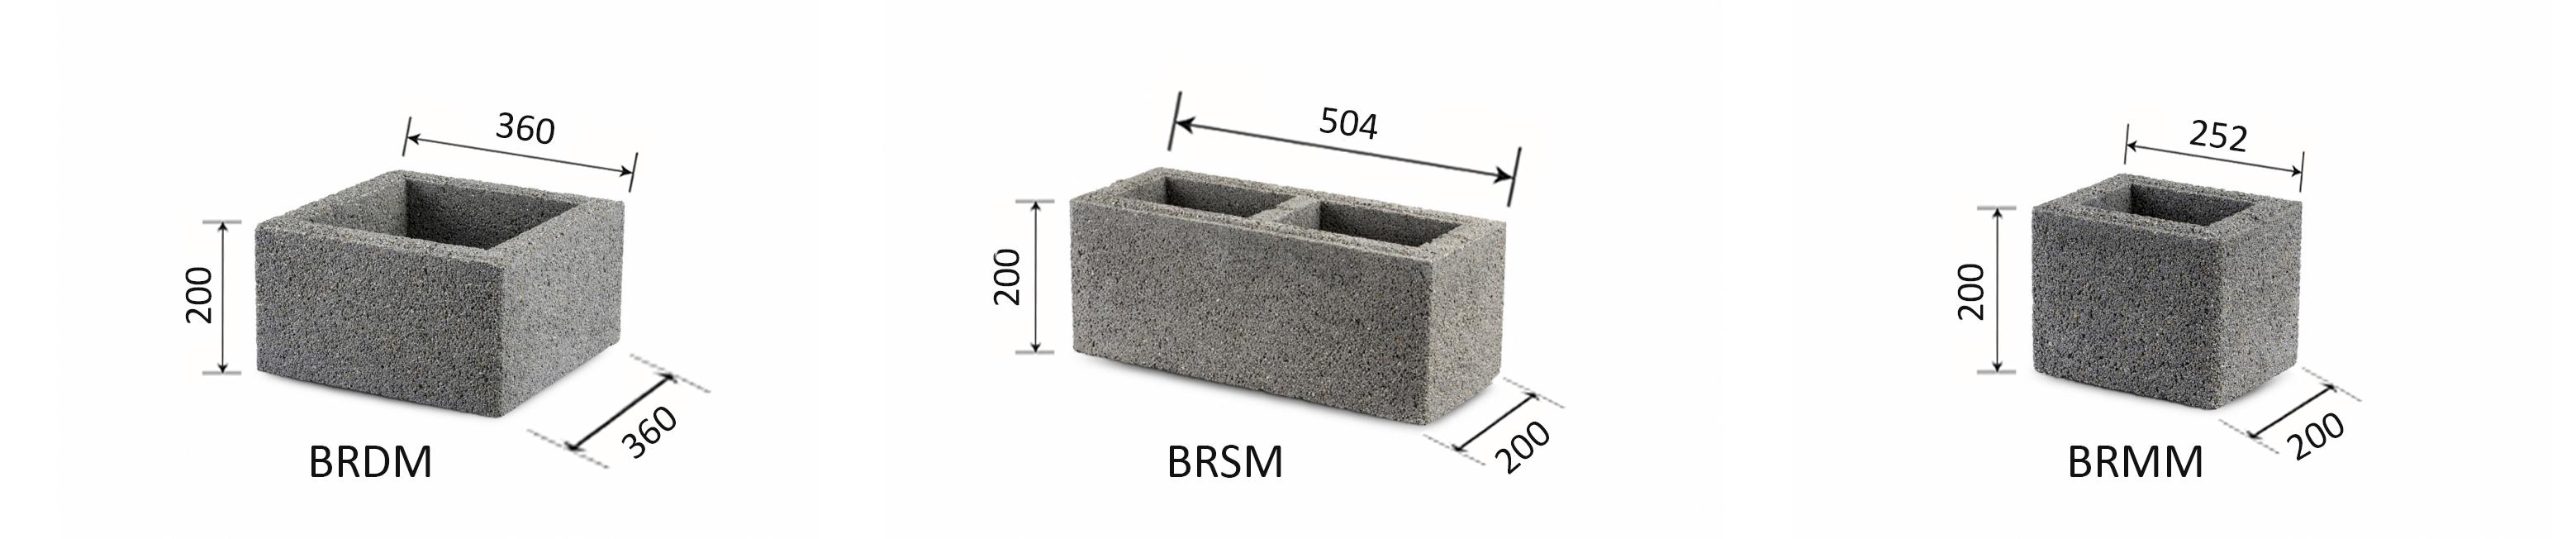 Aedade ehitusplokid RO